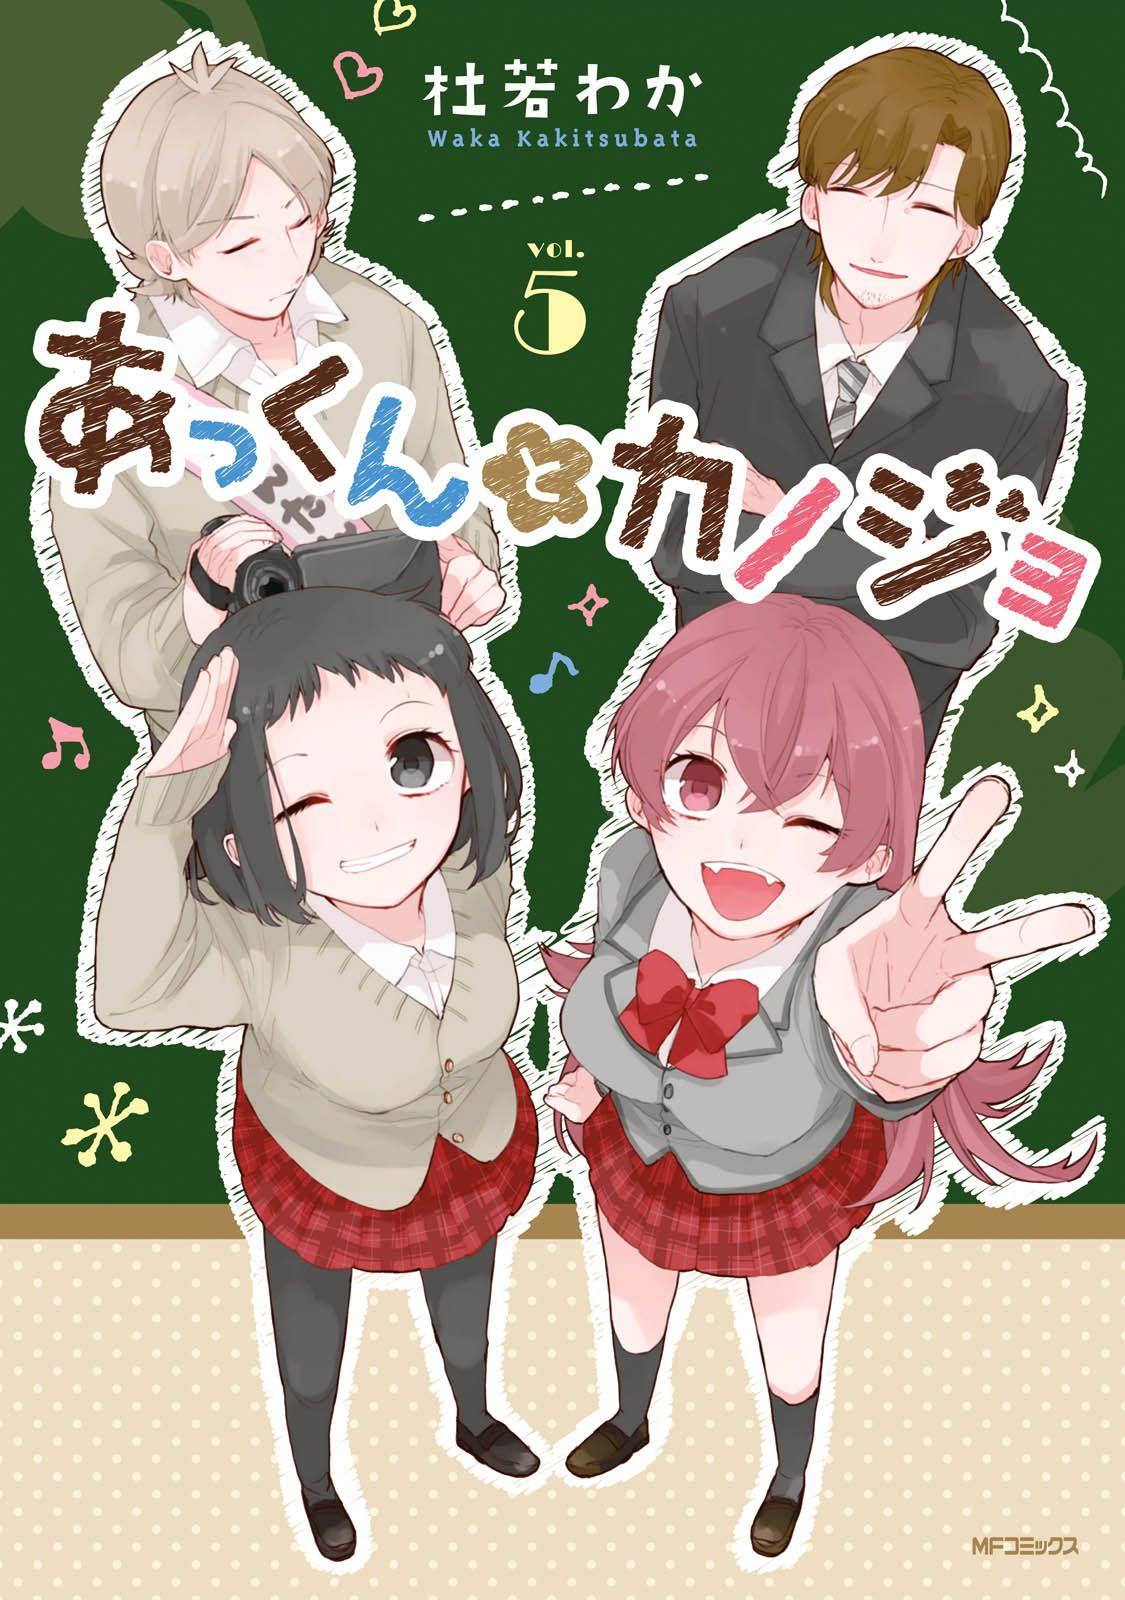 Capas de mangás aleatórias Anime, Manga, Mangas